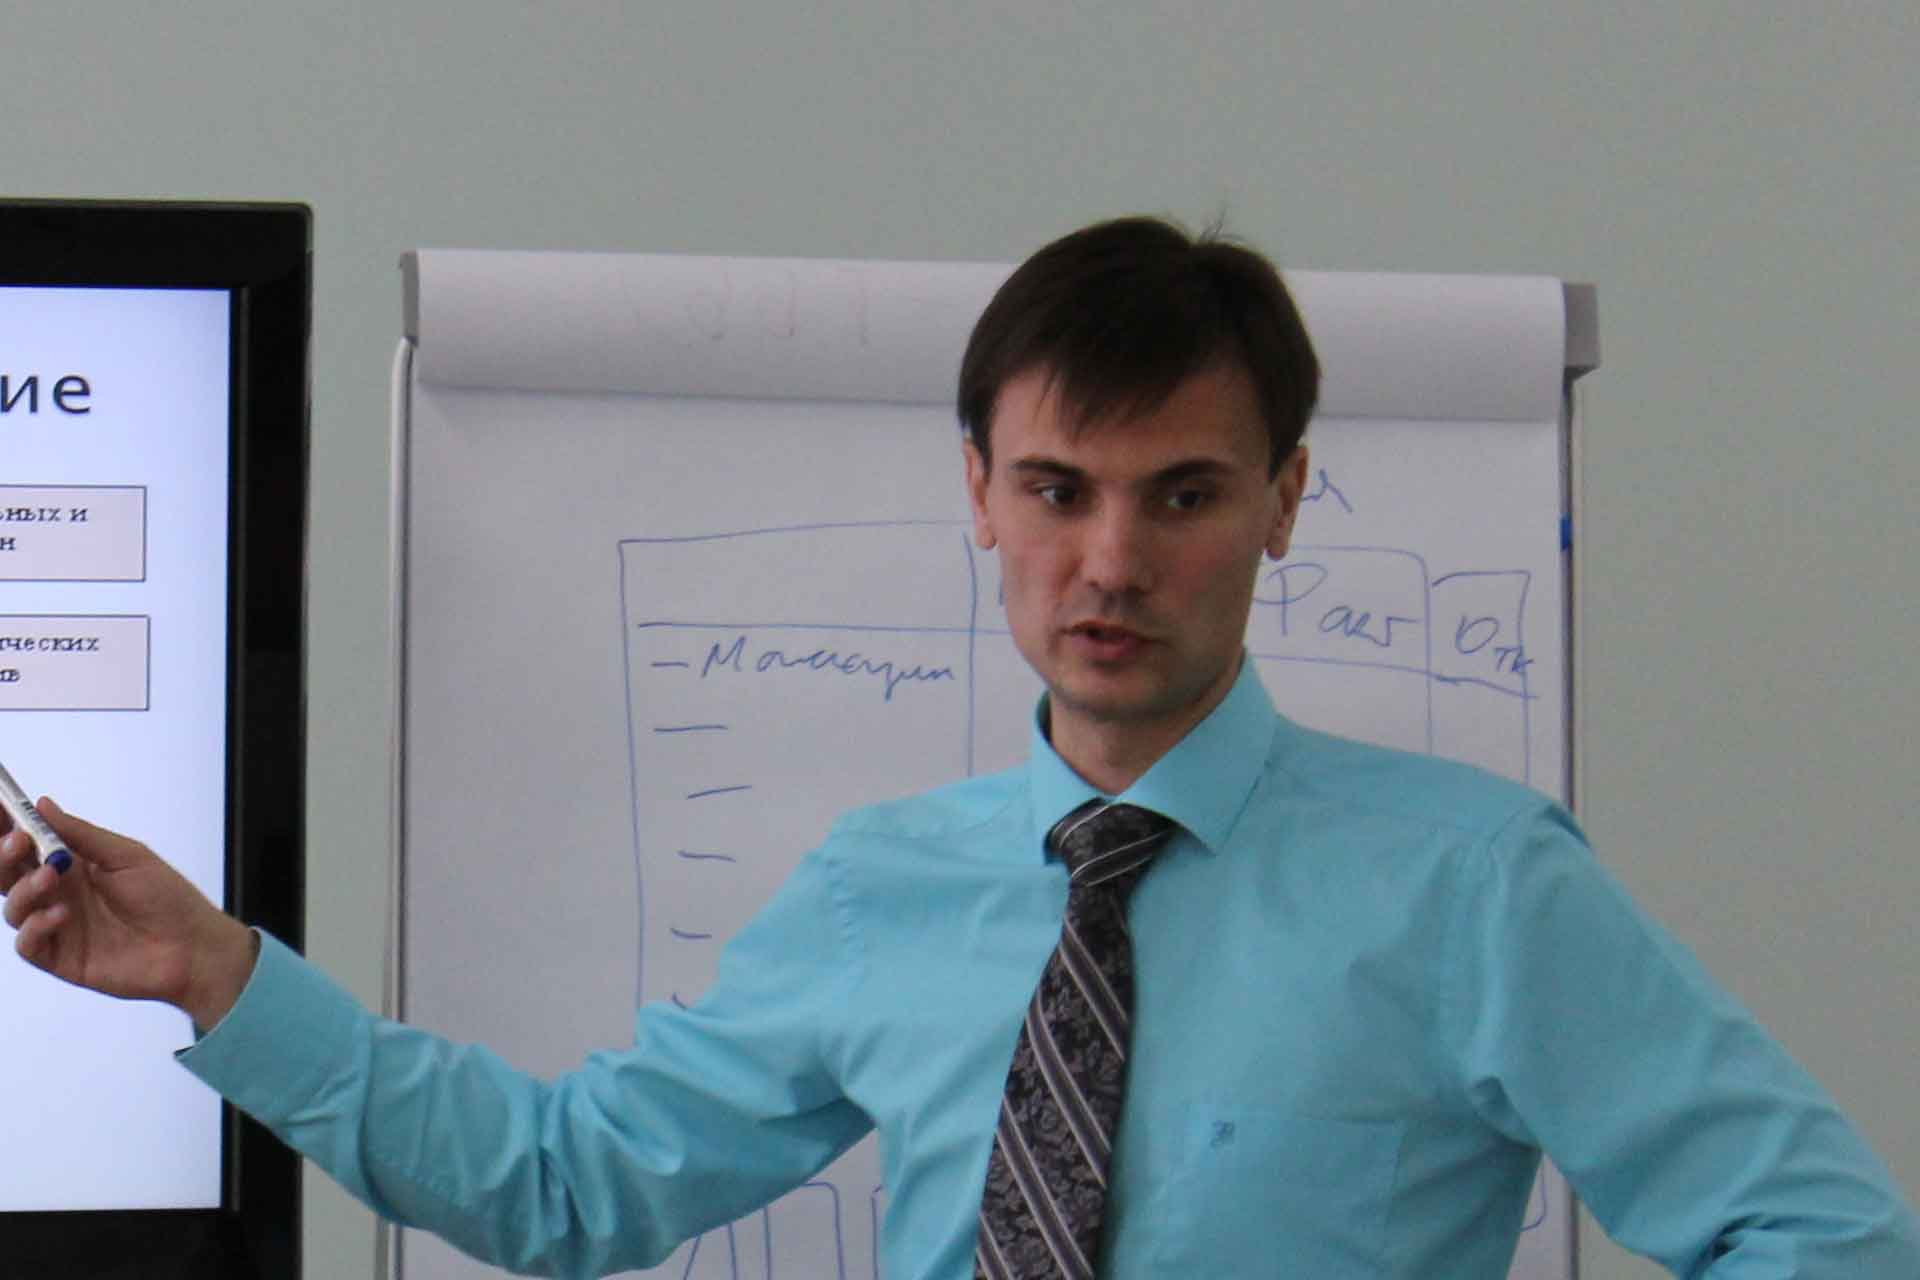 Спикер: Марков Алексей, консультант по управлению